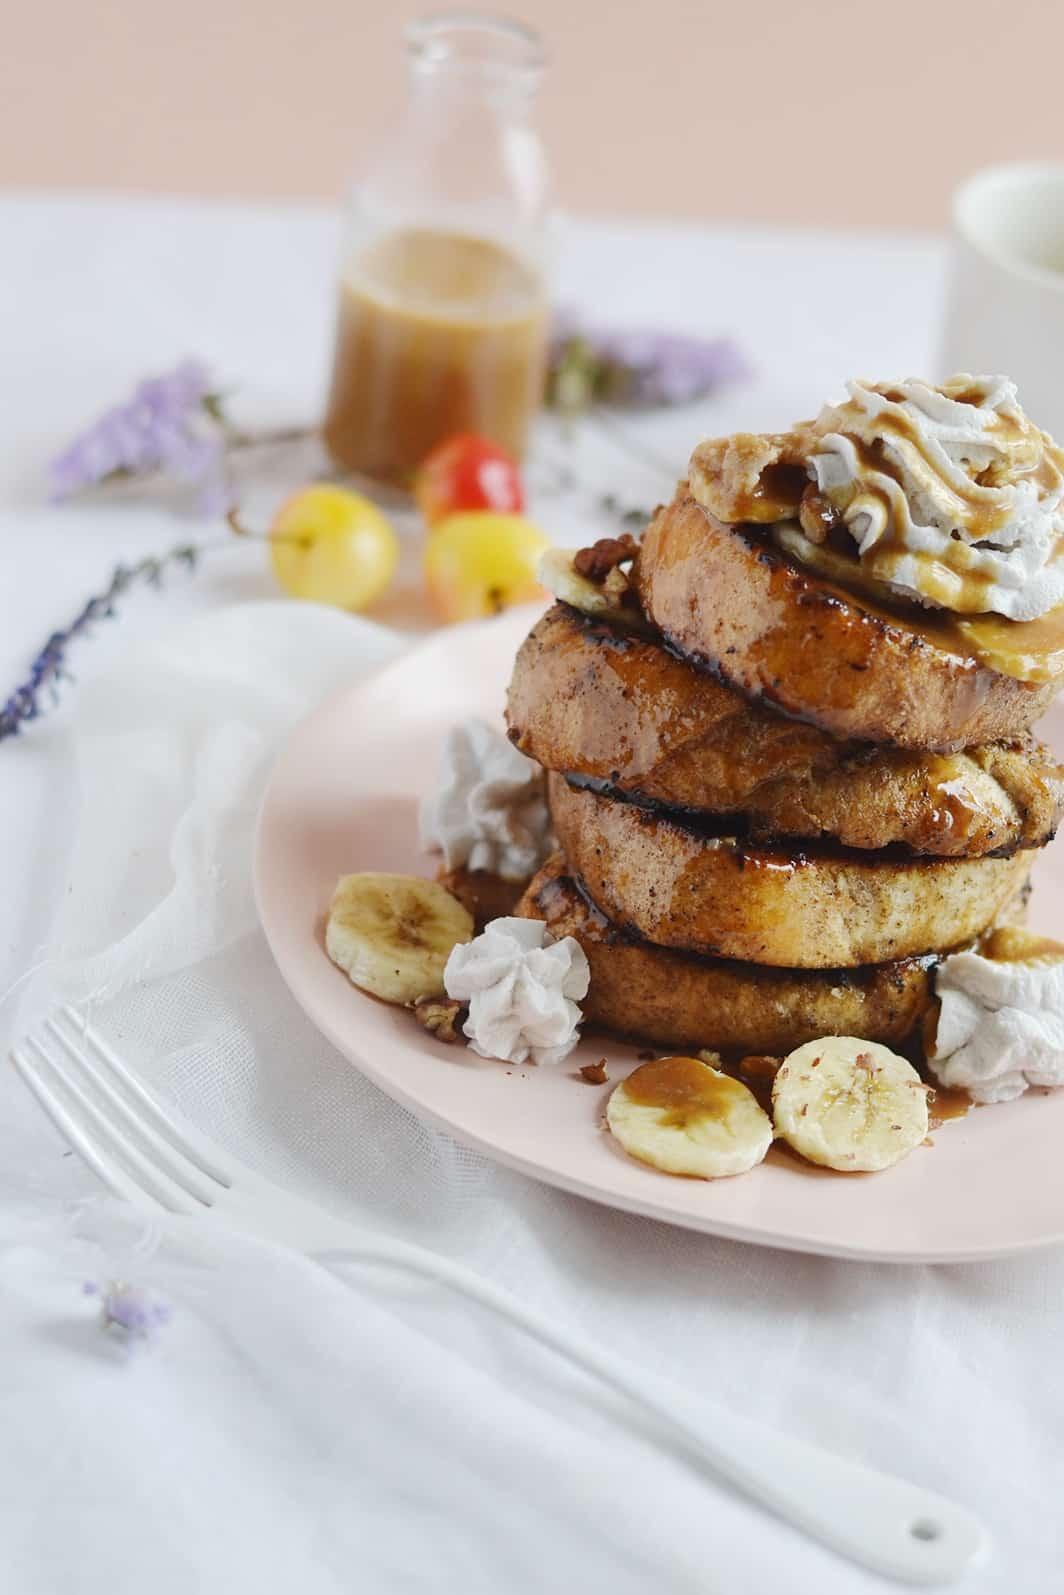 Pain perdu banane caramel beurre salé noix de pécan vegan